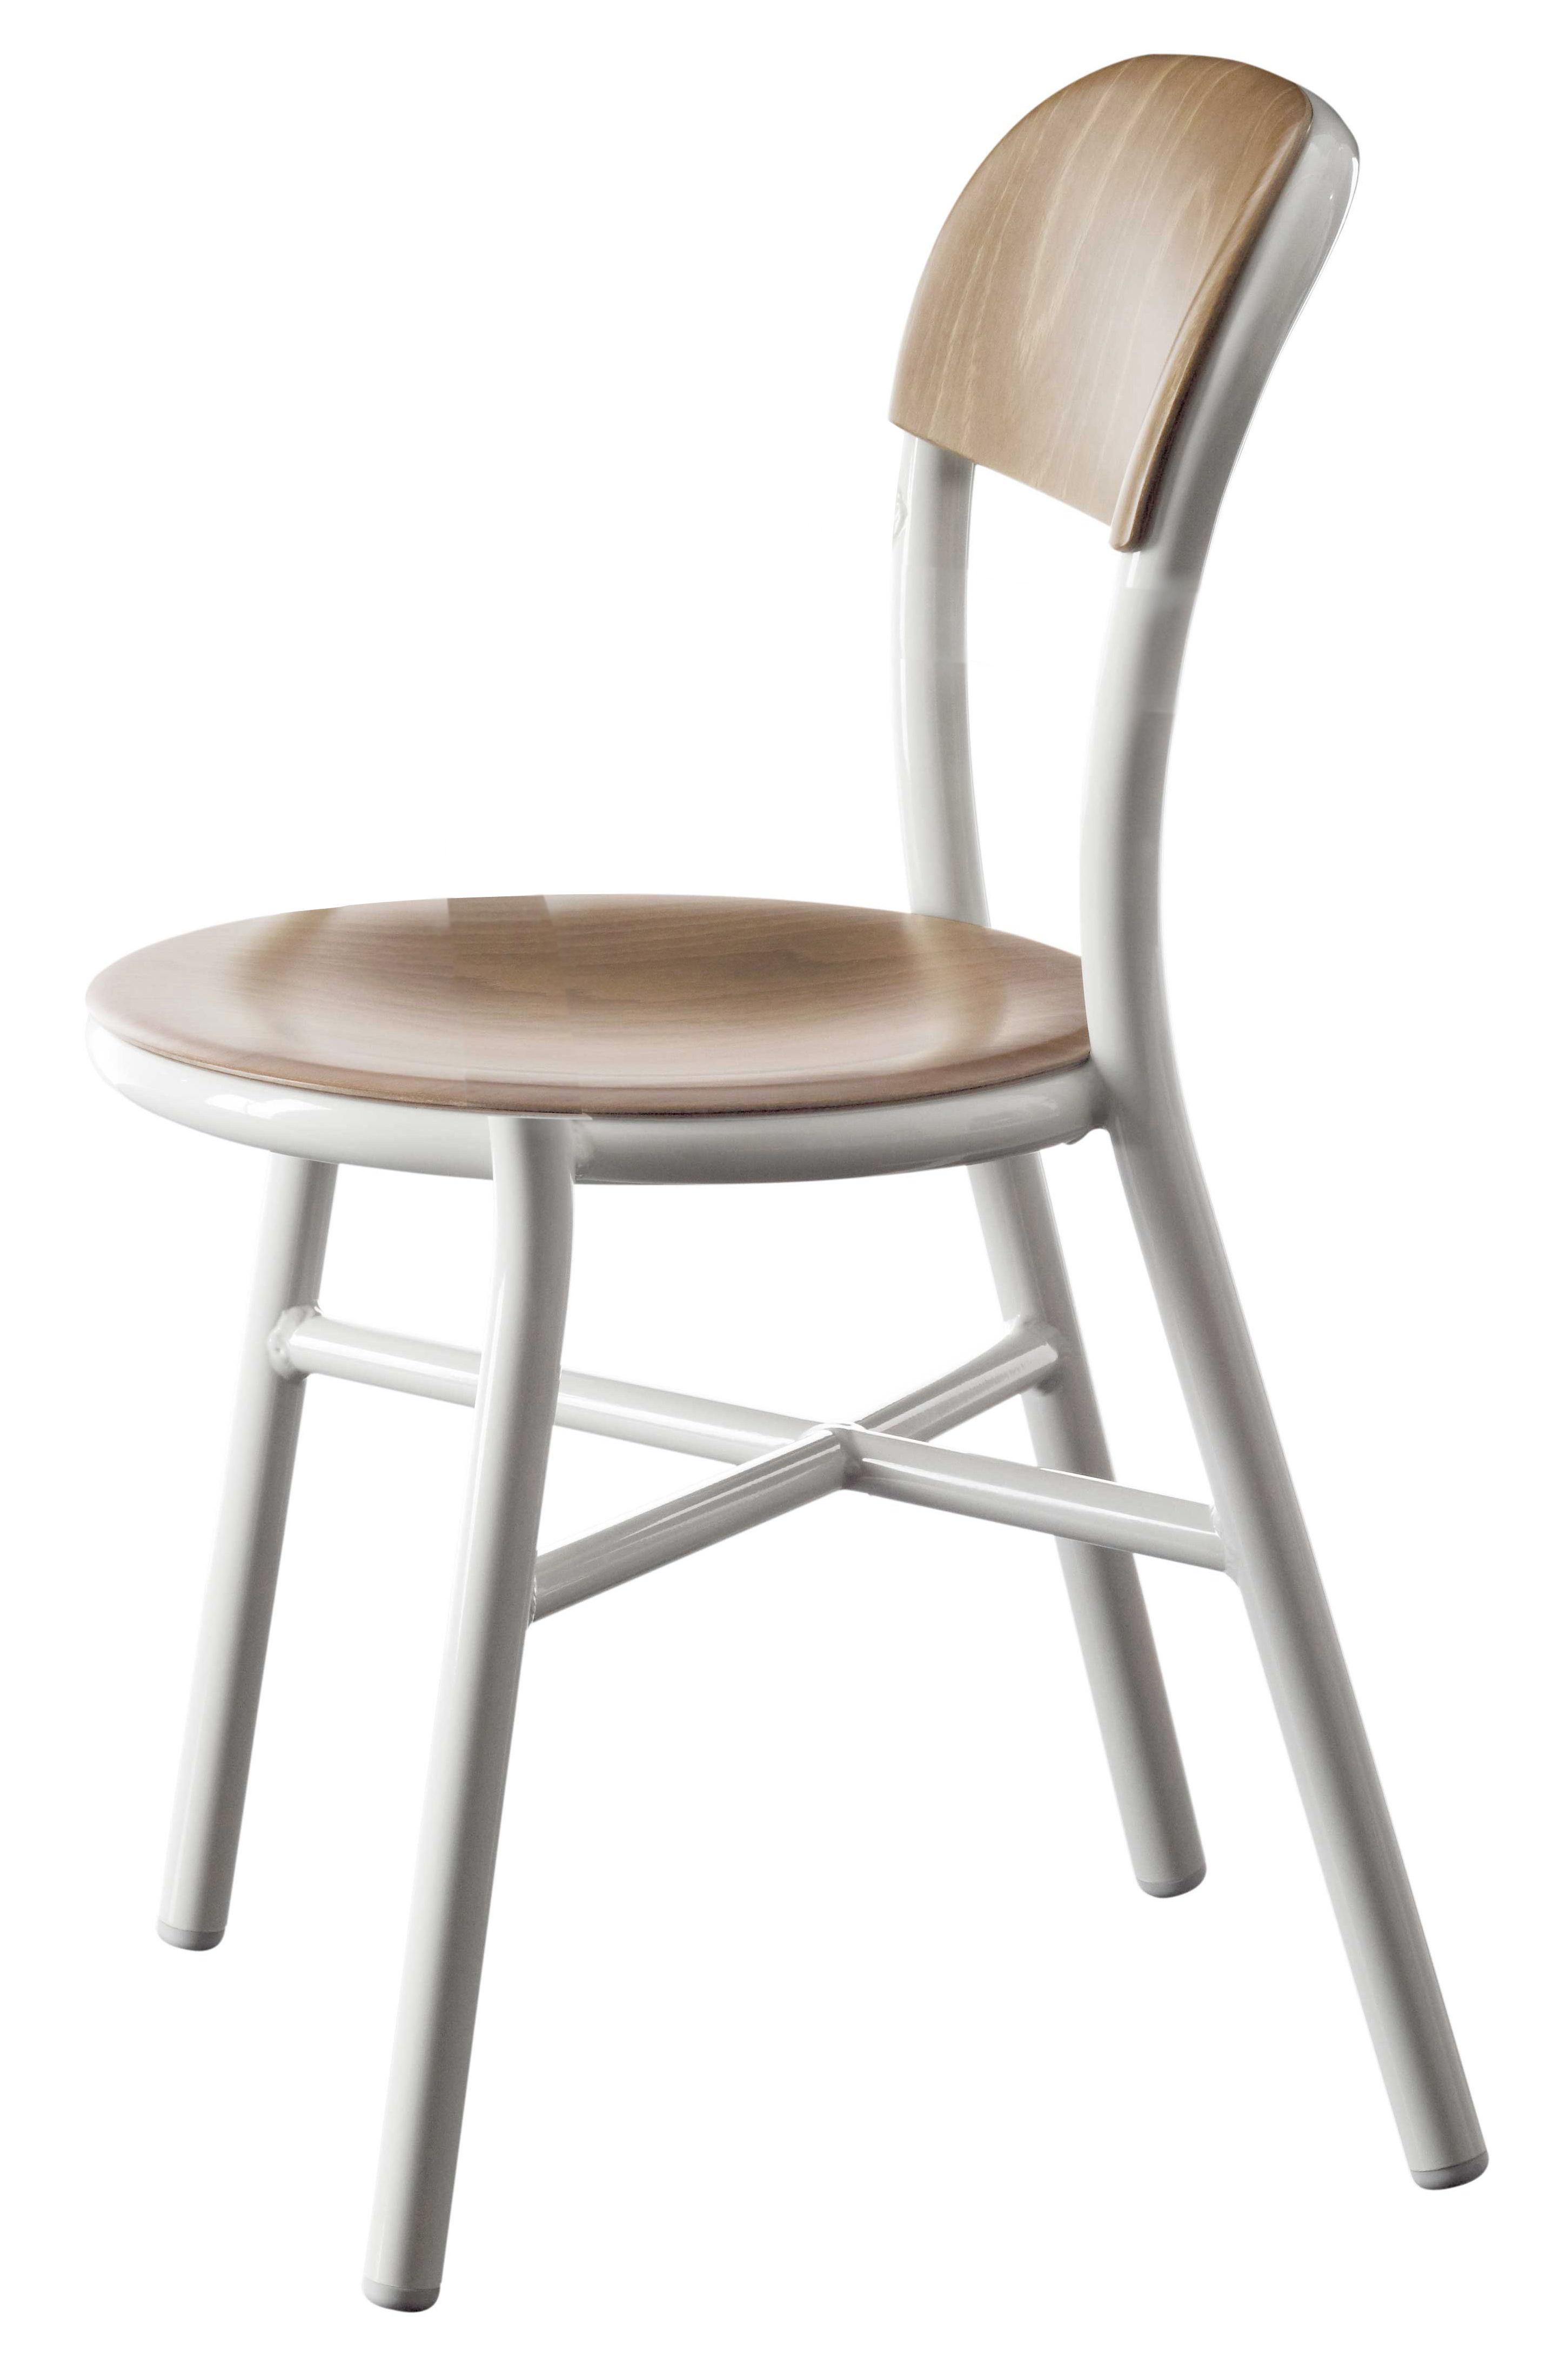 Arredamento - Sedie  - Sedia impilabile Pipe - Versione legno di Magis - Bianco / Faggio naturale - alluminio verniciato, Multistrato di faggio